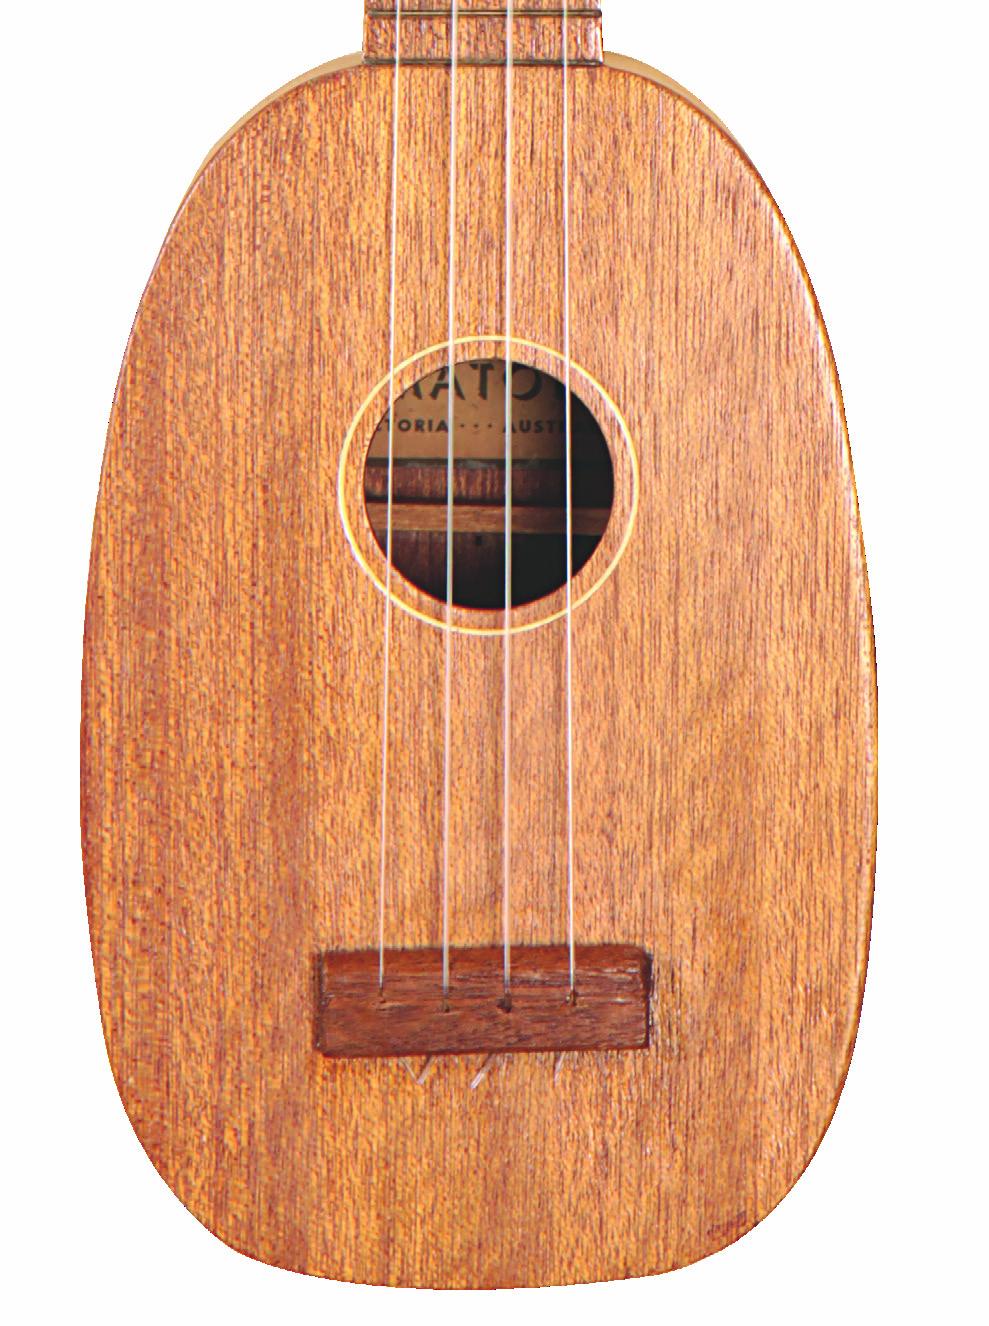 story from: Maton: Australia's Guitar